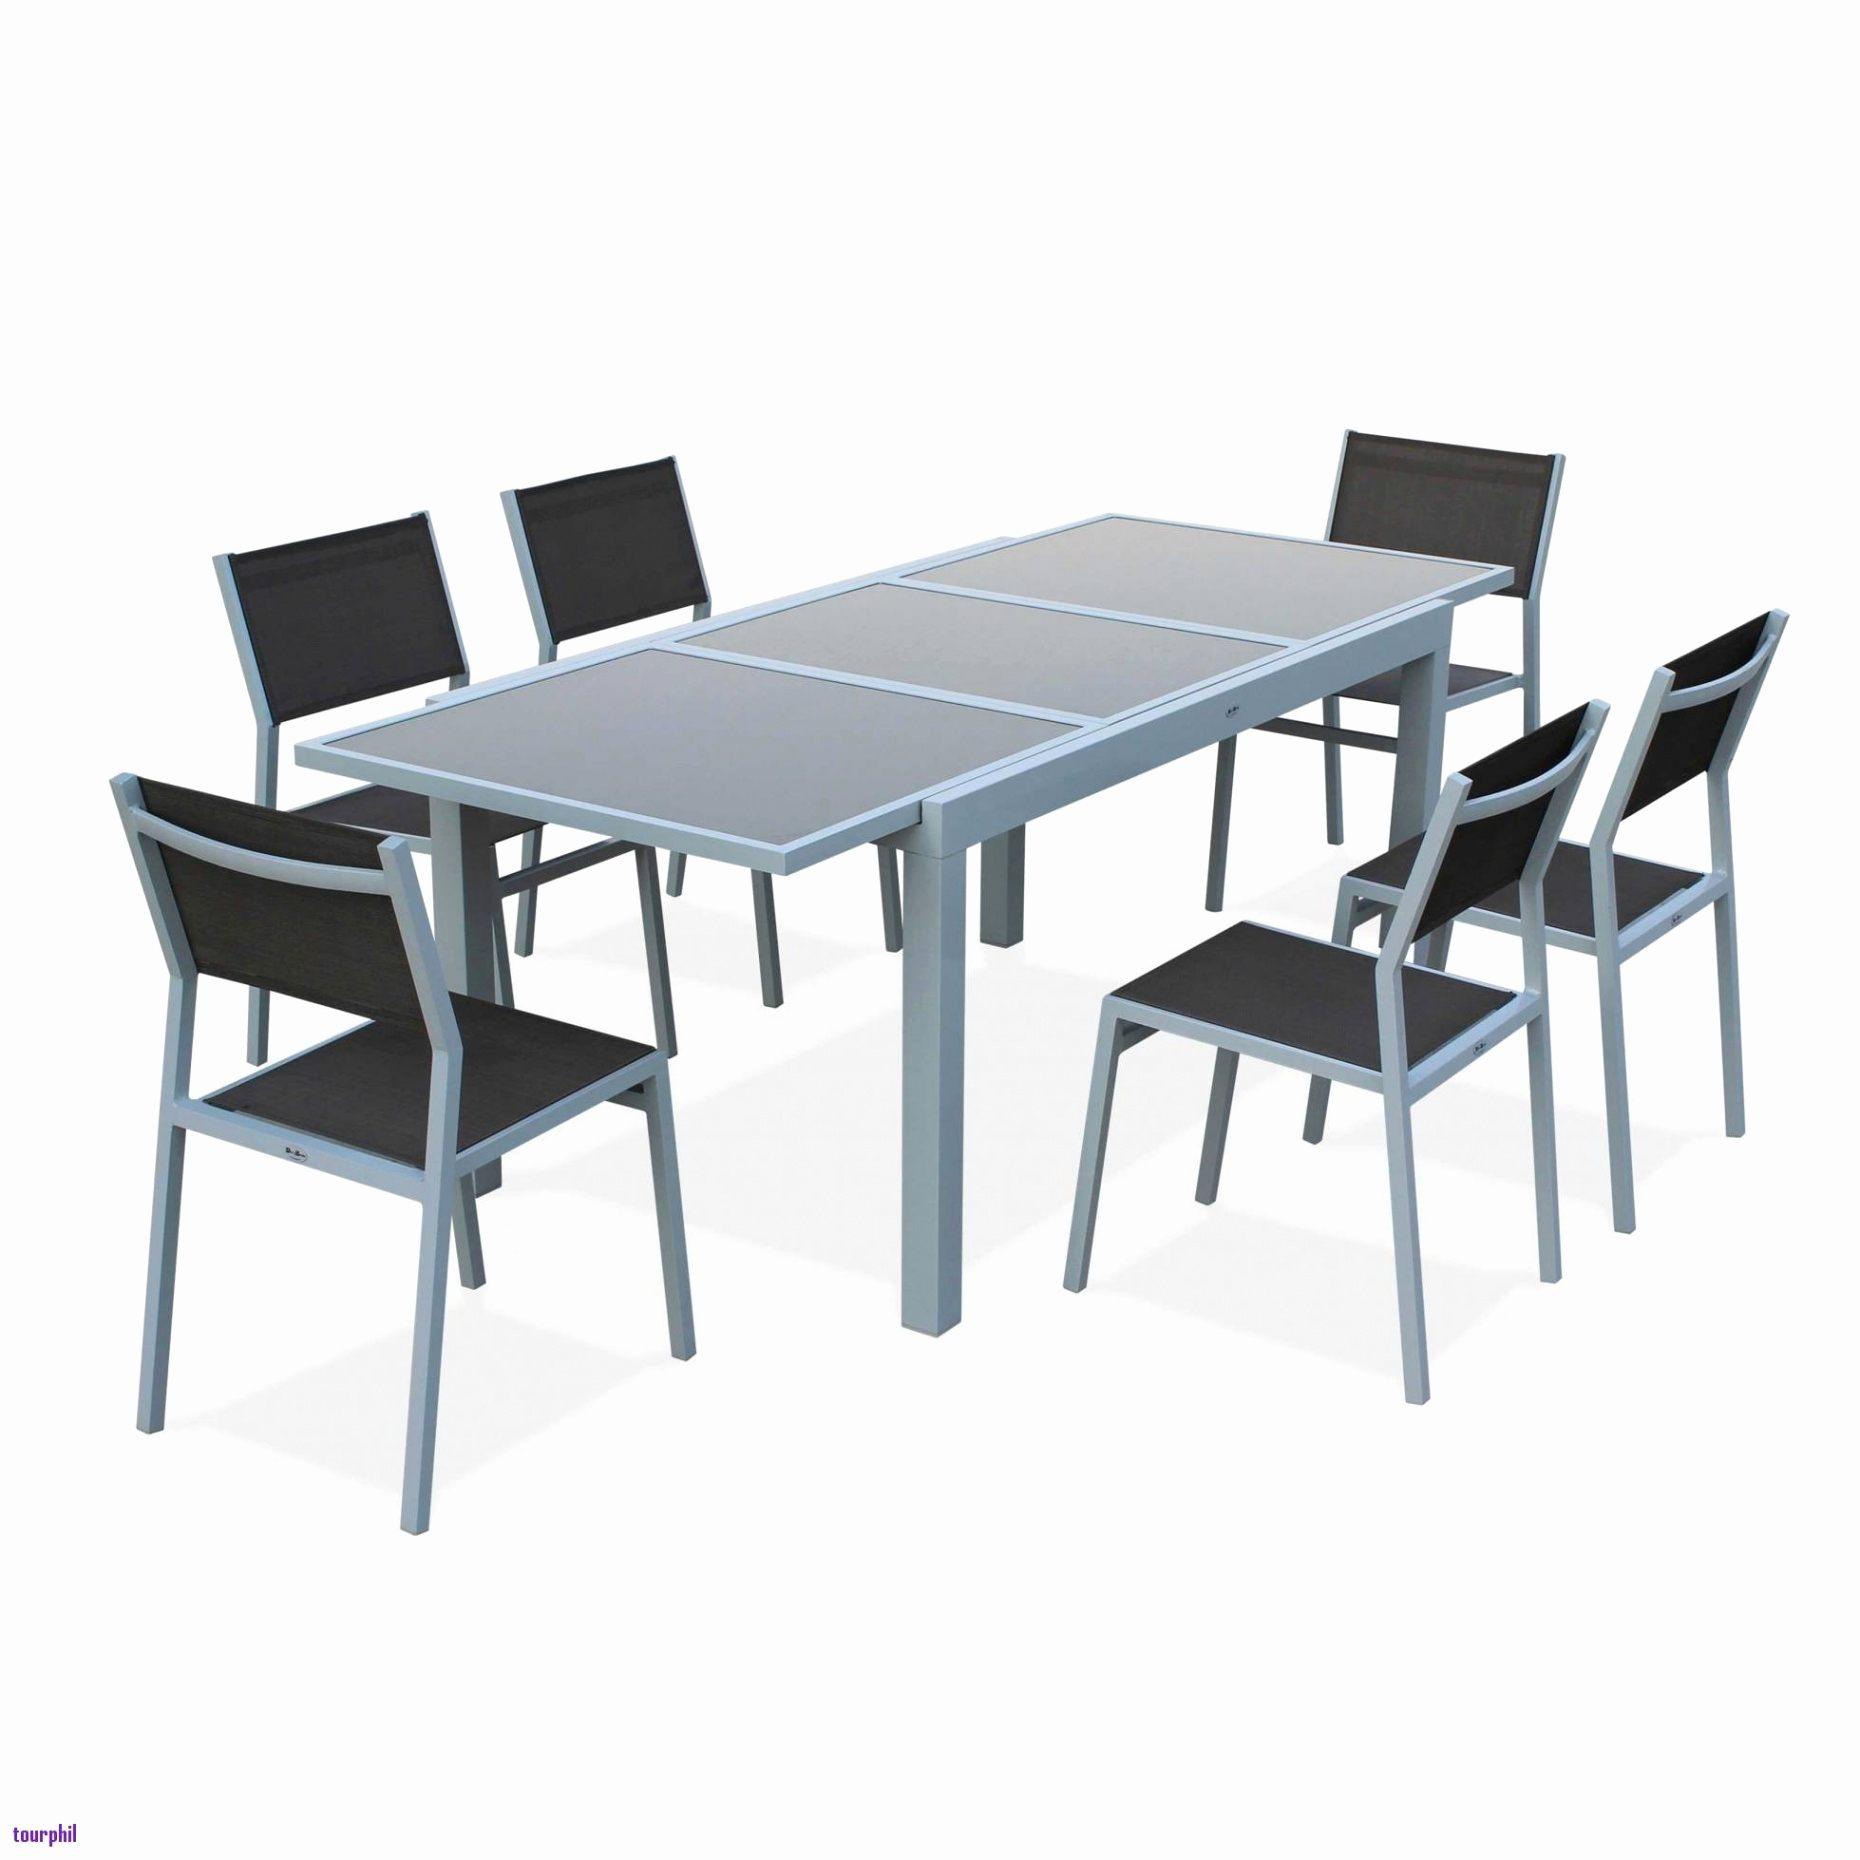 lit pliant bois inspirant table escamotable ikea frais. Black Bedroom Furniture Sets. Home Design Ideas